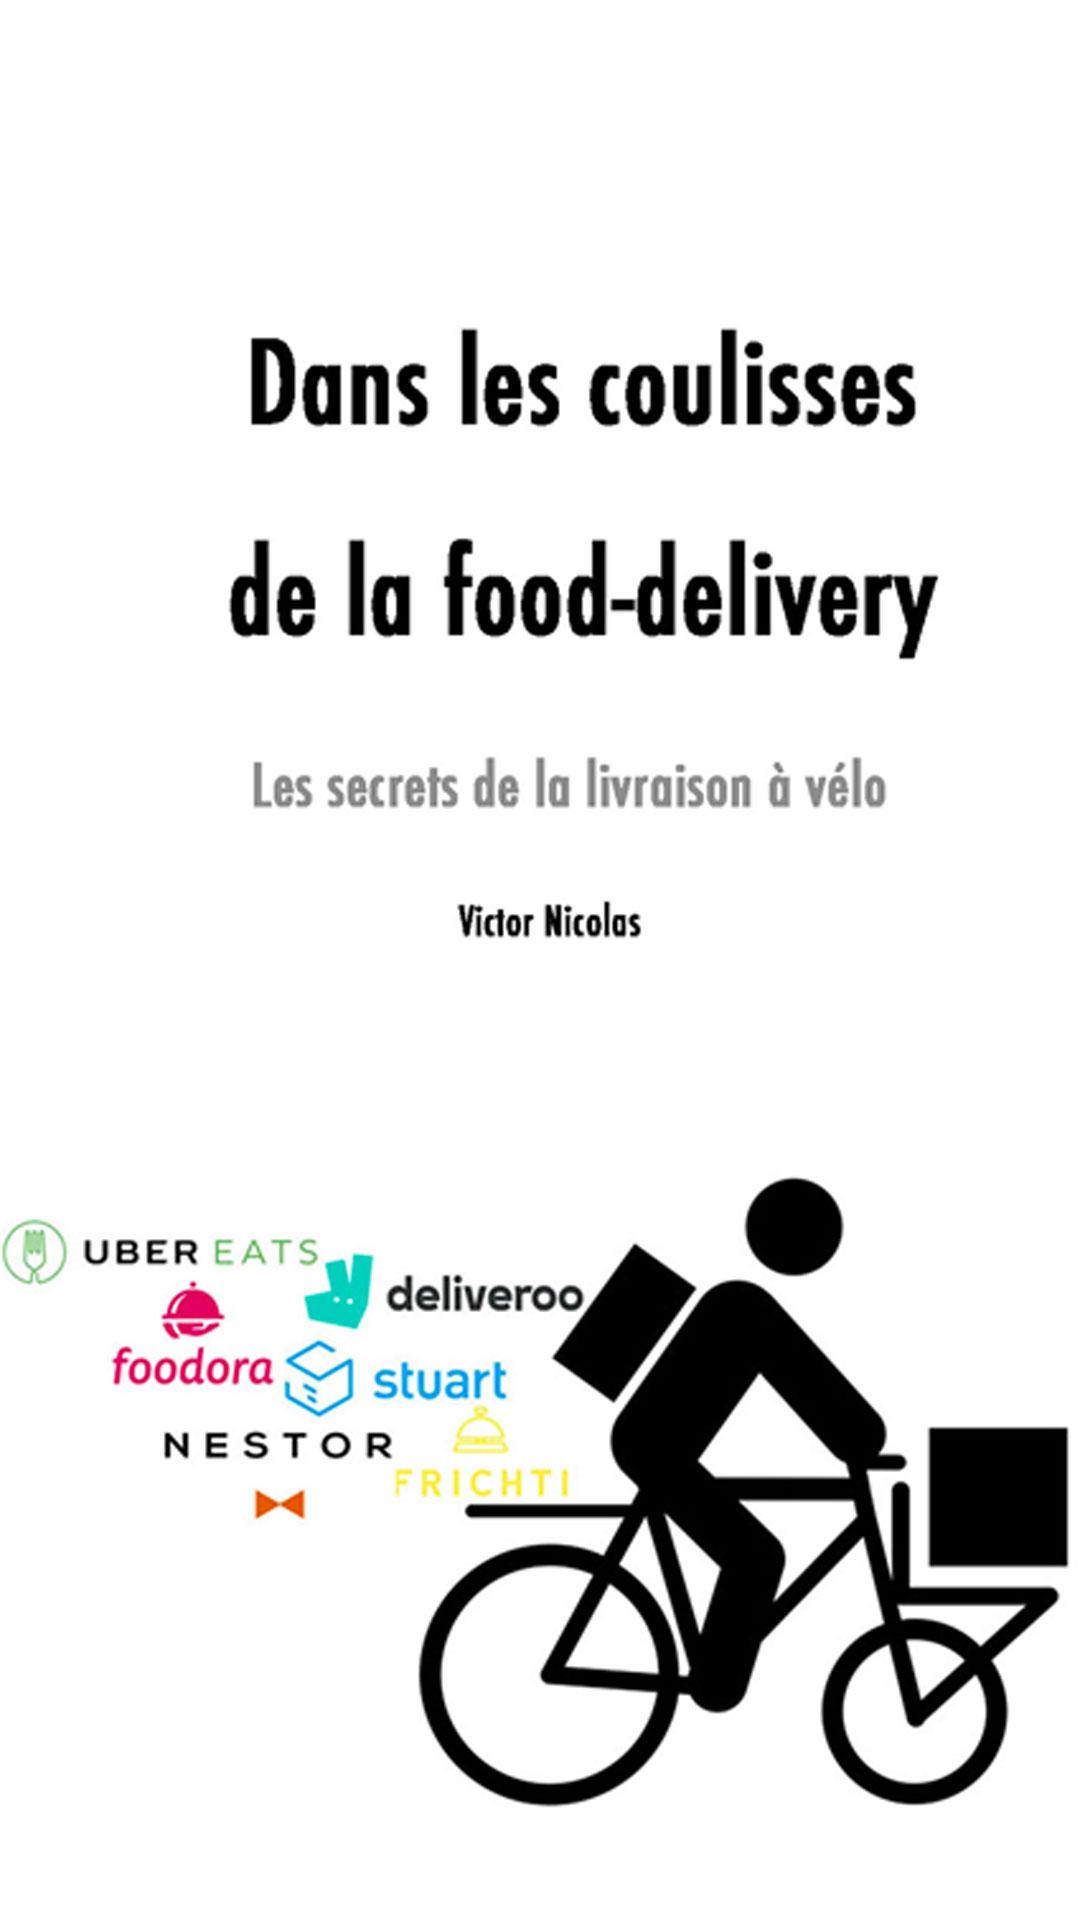 """Chiffre d'affaires, salaires et galères, l'e-book """"Dans les coulisses de la food-delivery"""" dévoile les dessous des courses"""